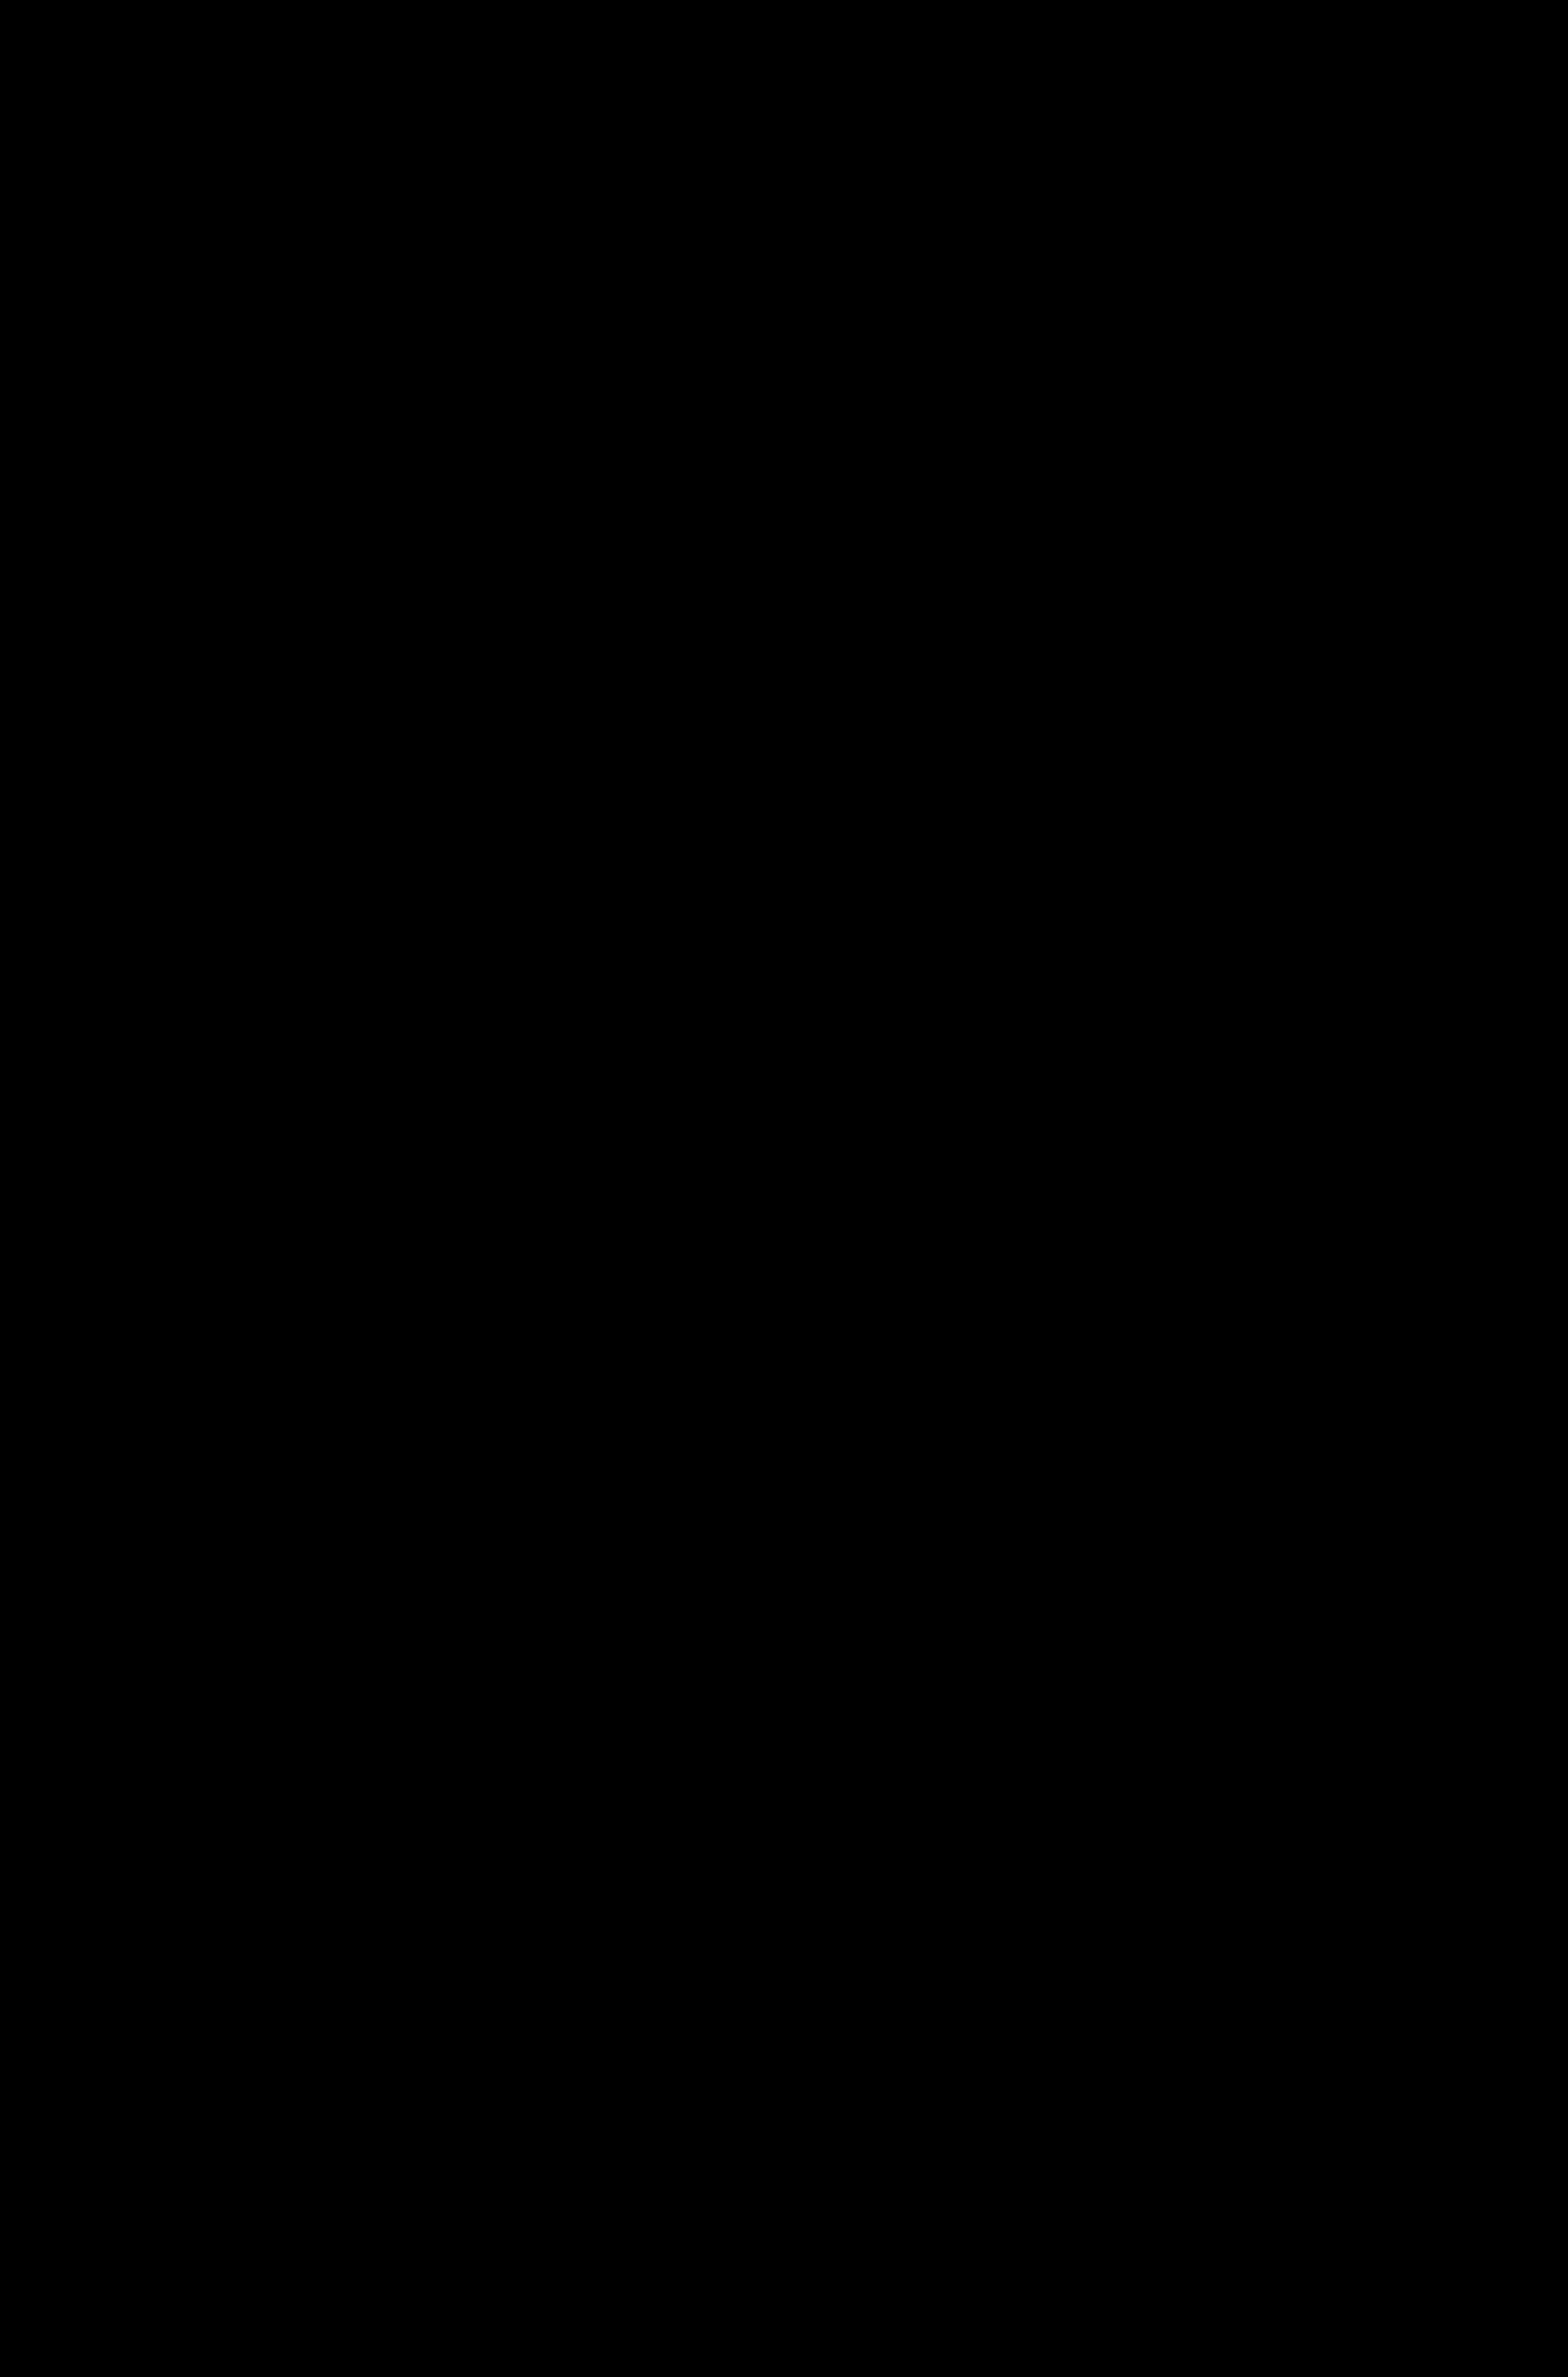 spionromaner, Michael Katz Krefeld, sort sne falder, krimier